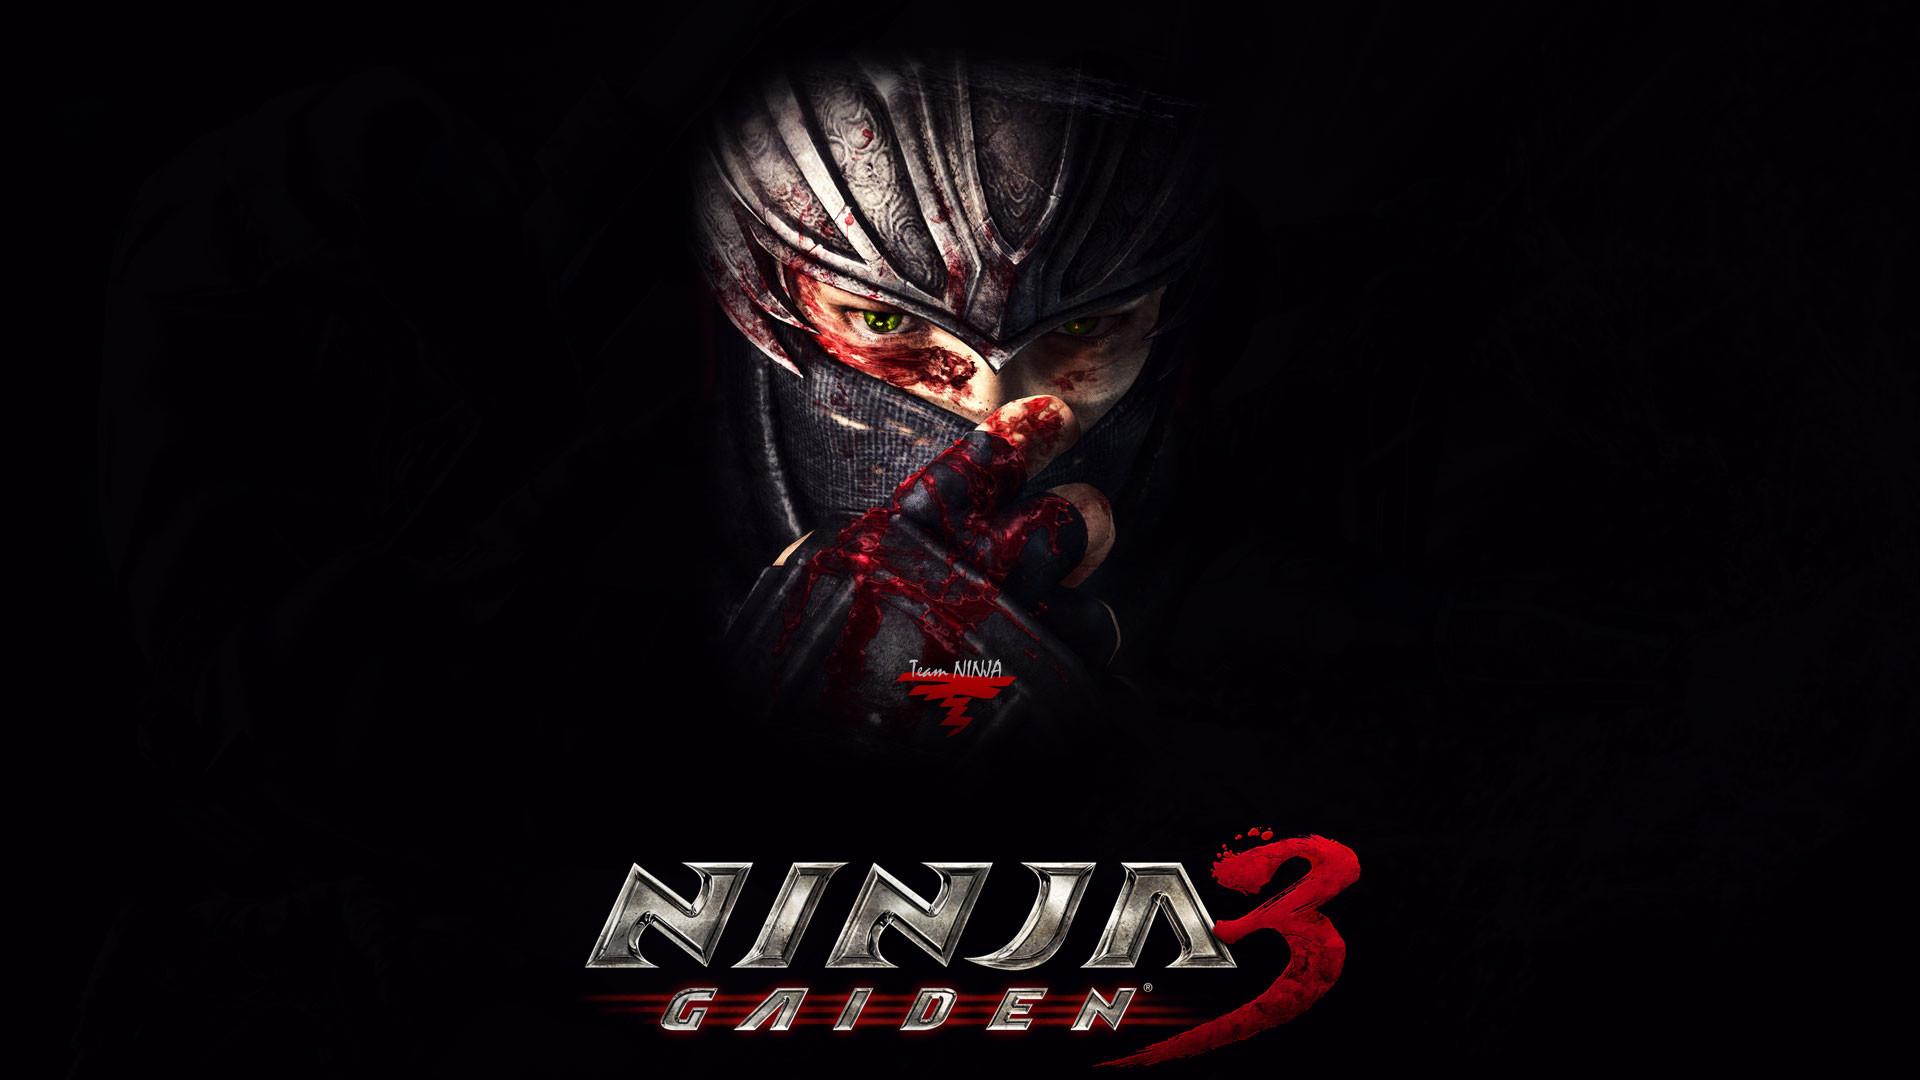 Game Ninja Gaiden Wallpaper: Ninja Gaiden Wallpaper HD (70+ Images